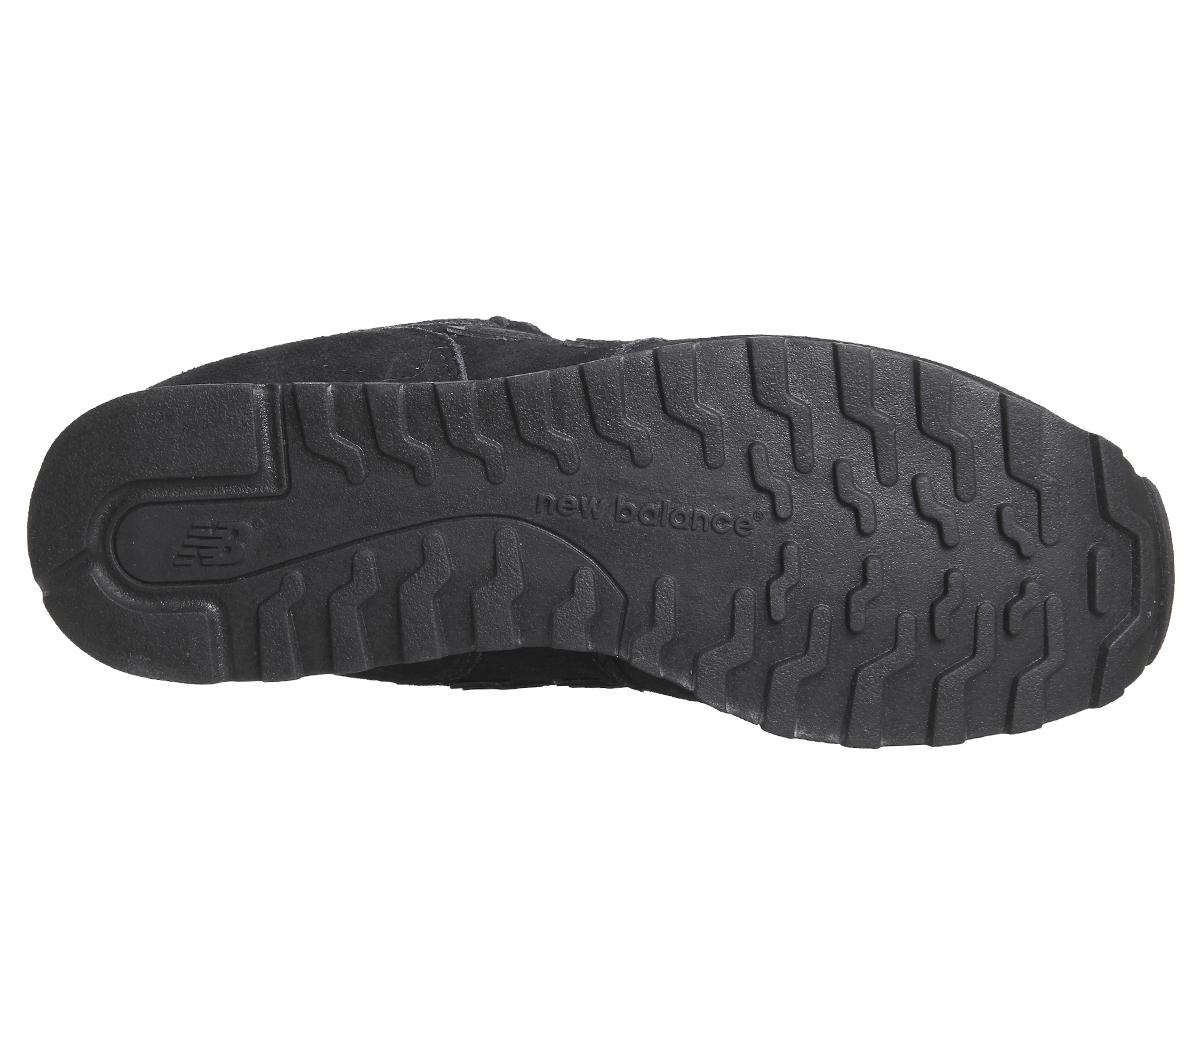 SENTINEL Womens nuovo equilibrio 373 allenatori pizzo nero scarpe da  ginnastica scarpe